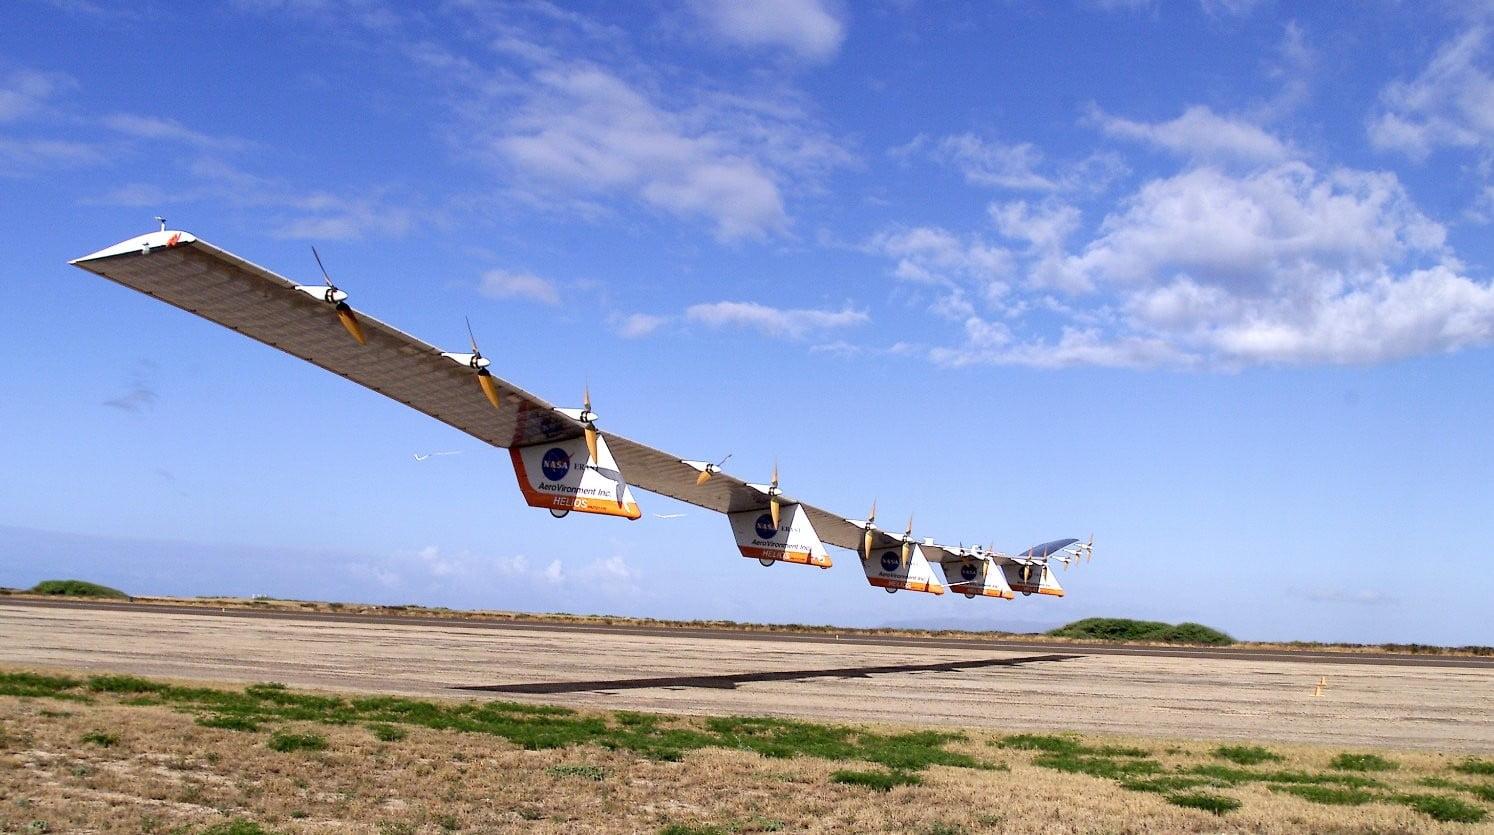 هواپیما هواپیماهای بدون سرنشین اینترنت 5G 5G شبکه نسل 5 ارتباطات